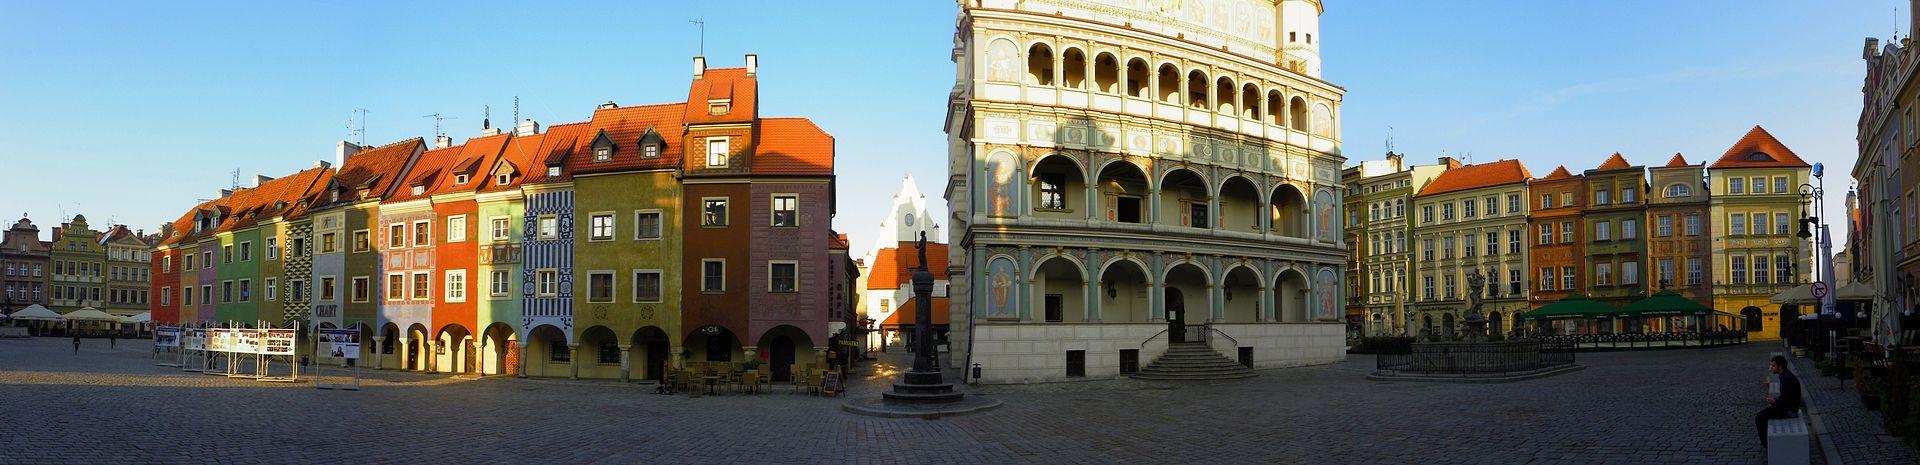 Widok na fasadę ratusza oraz domki budnicze